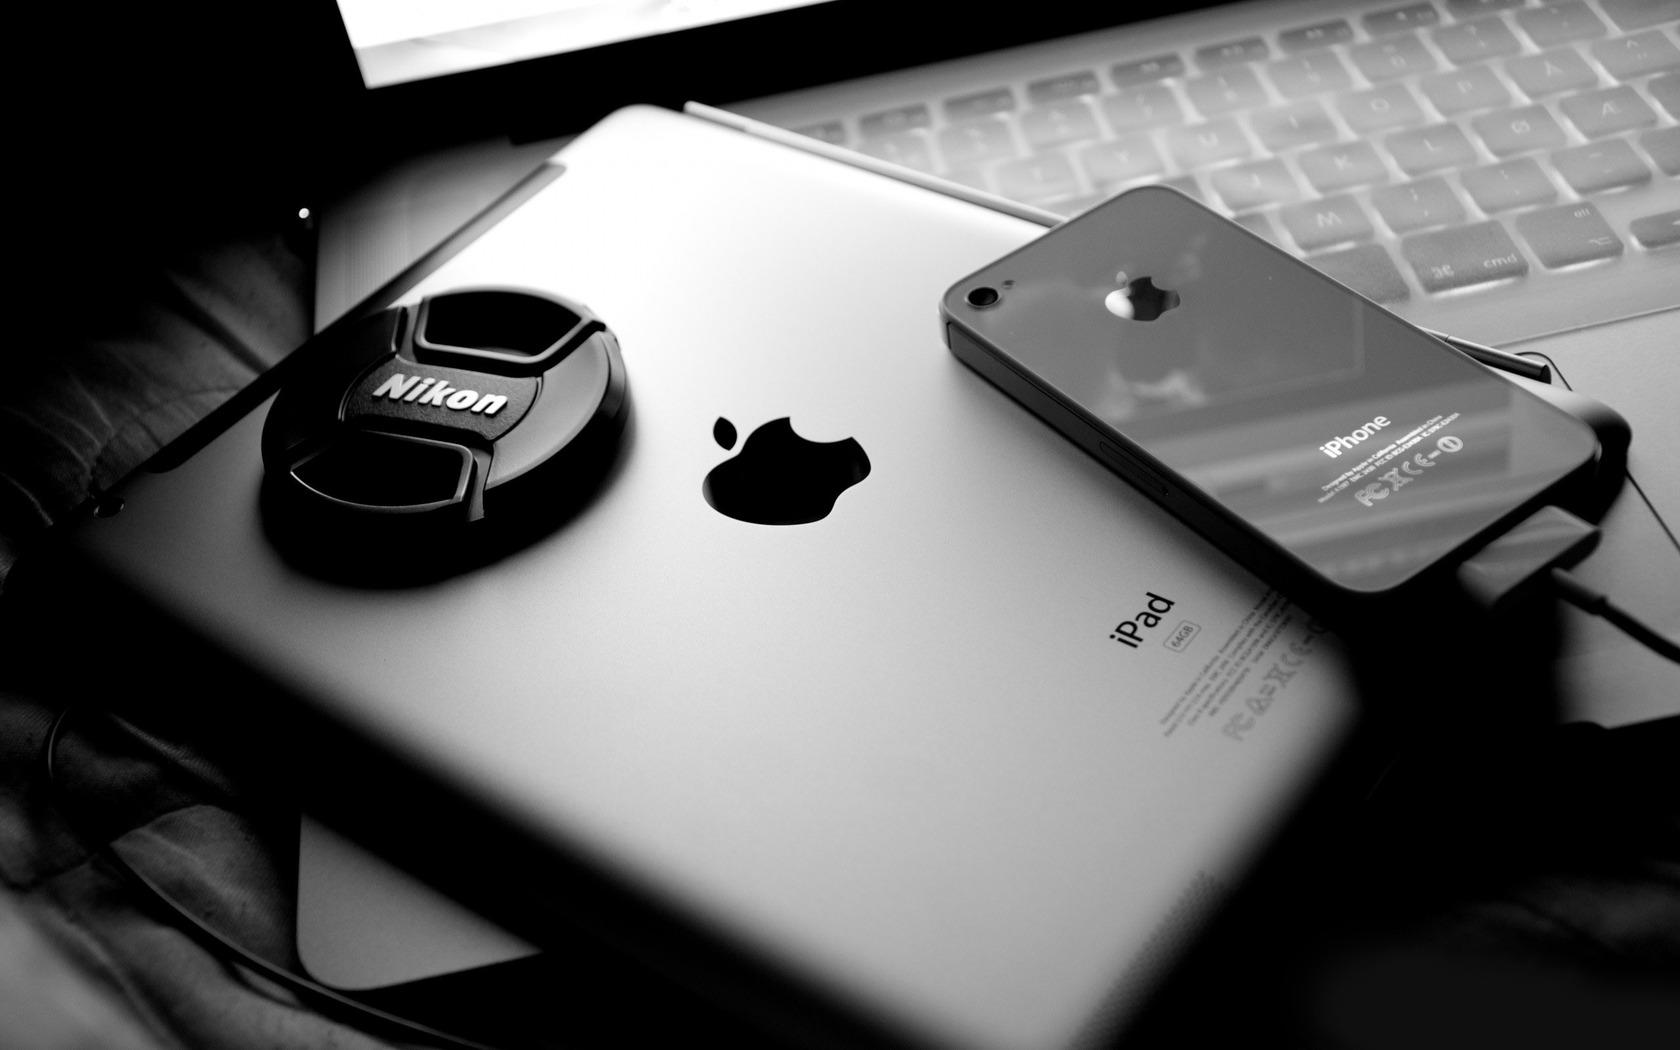 دسکتاپ، لپ تاپ، تبلت و گوشی های همراه